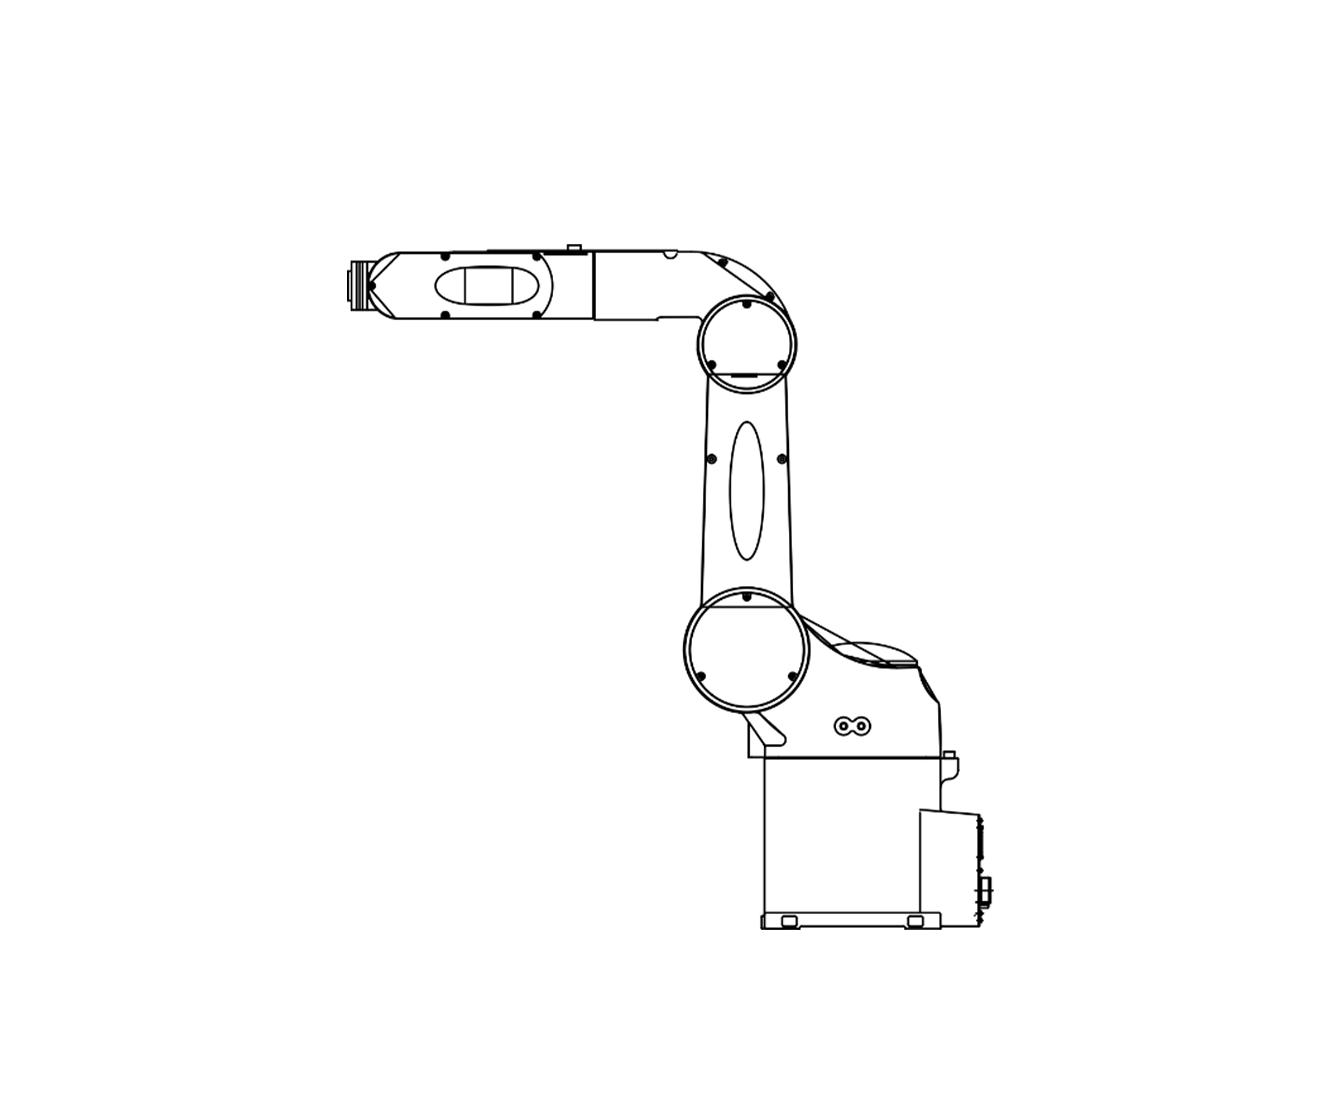 Denso 6-axis robot VM series